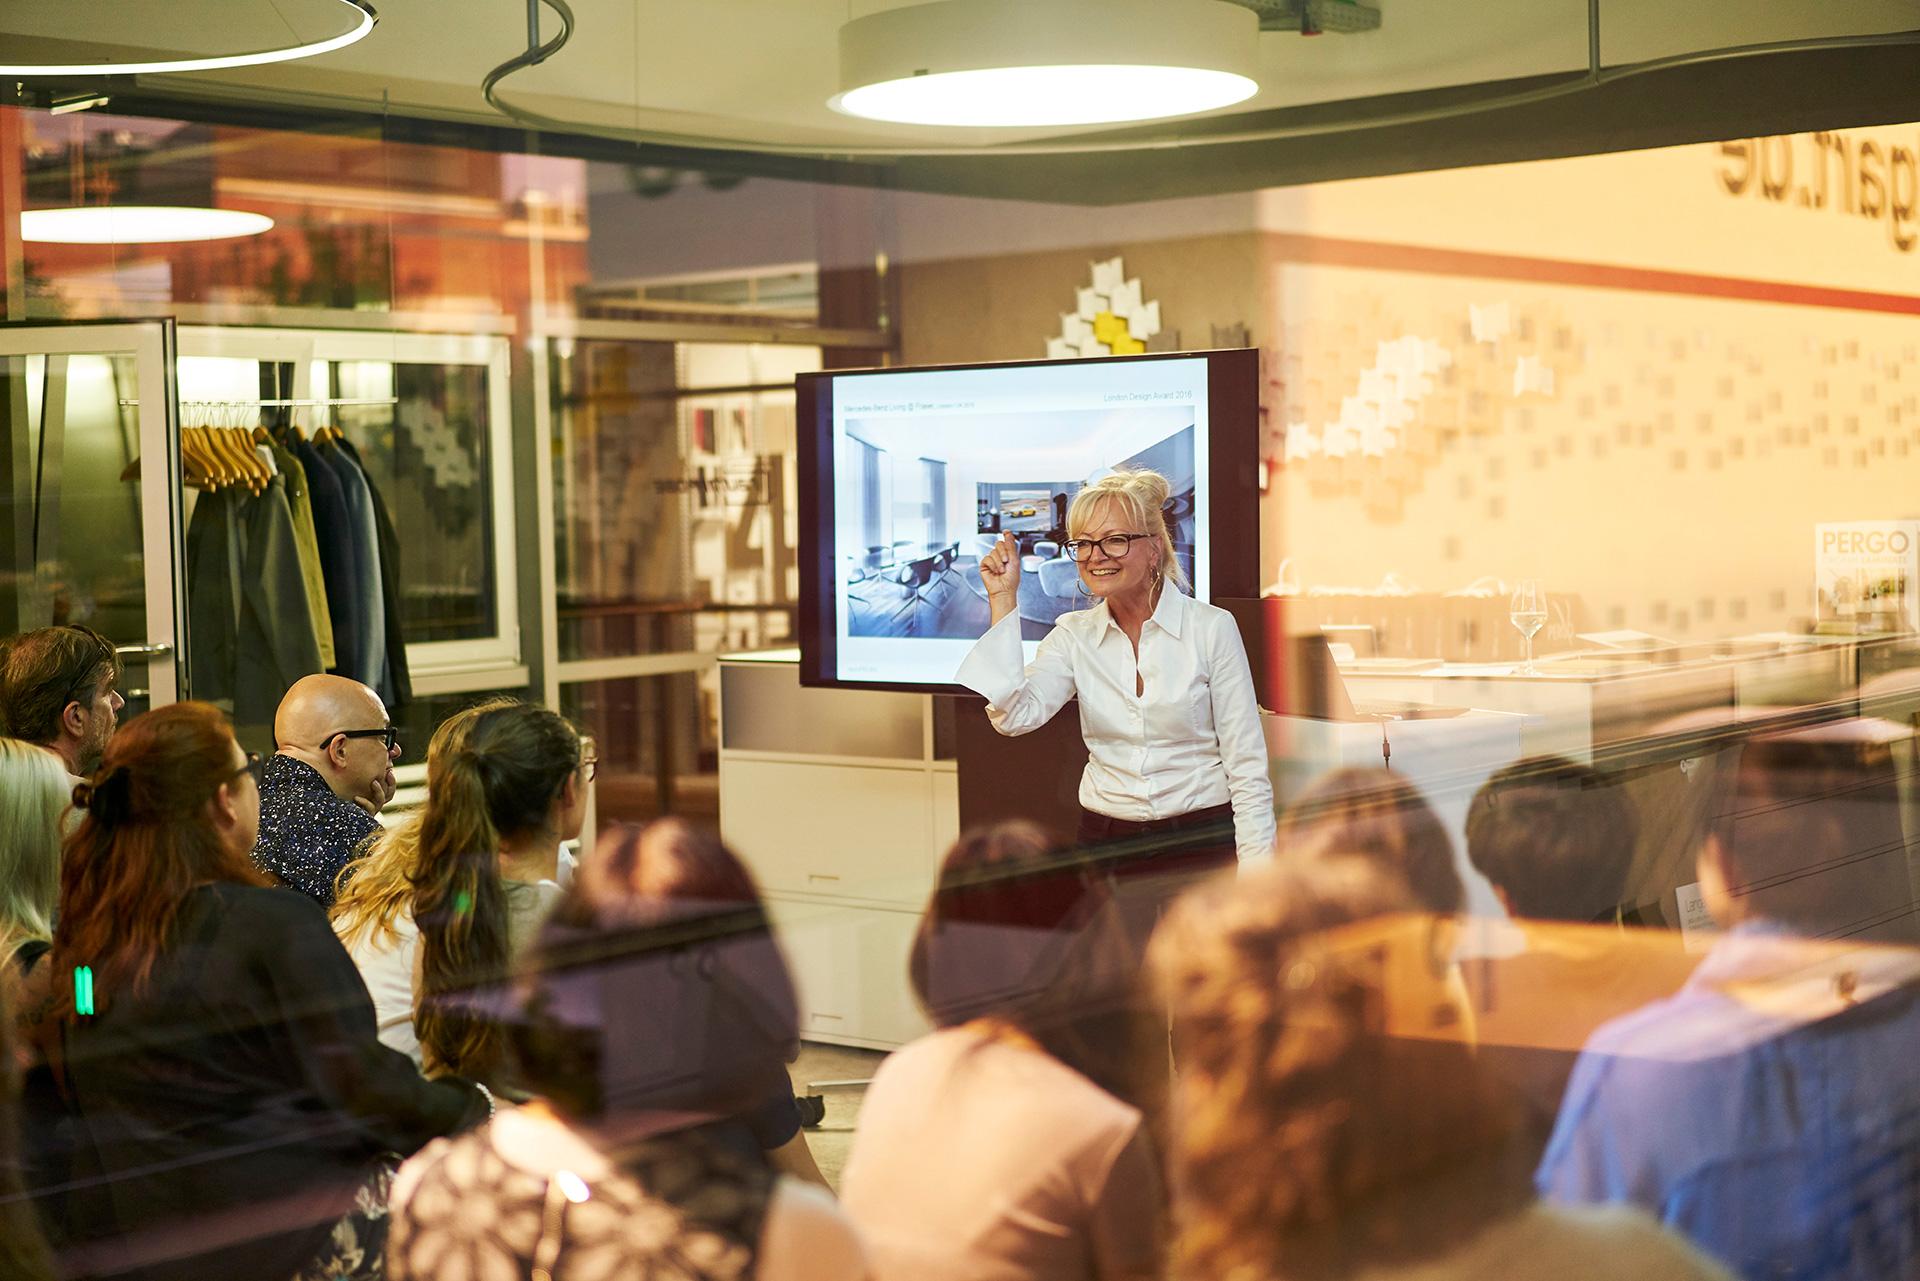 Vortrag expertenrunde raumprobe in stuttgart joi for Innenarchitektur vortrag